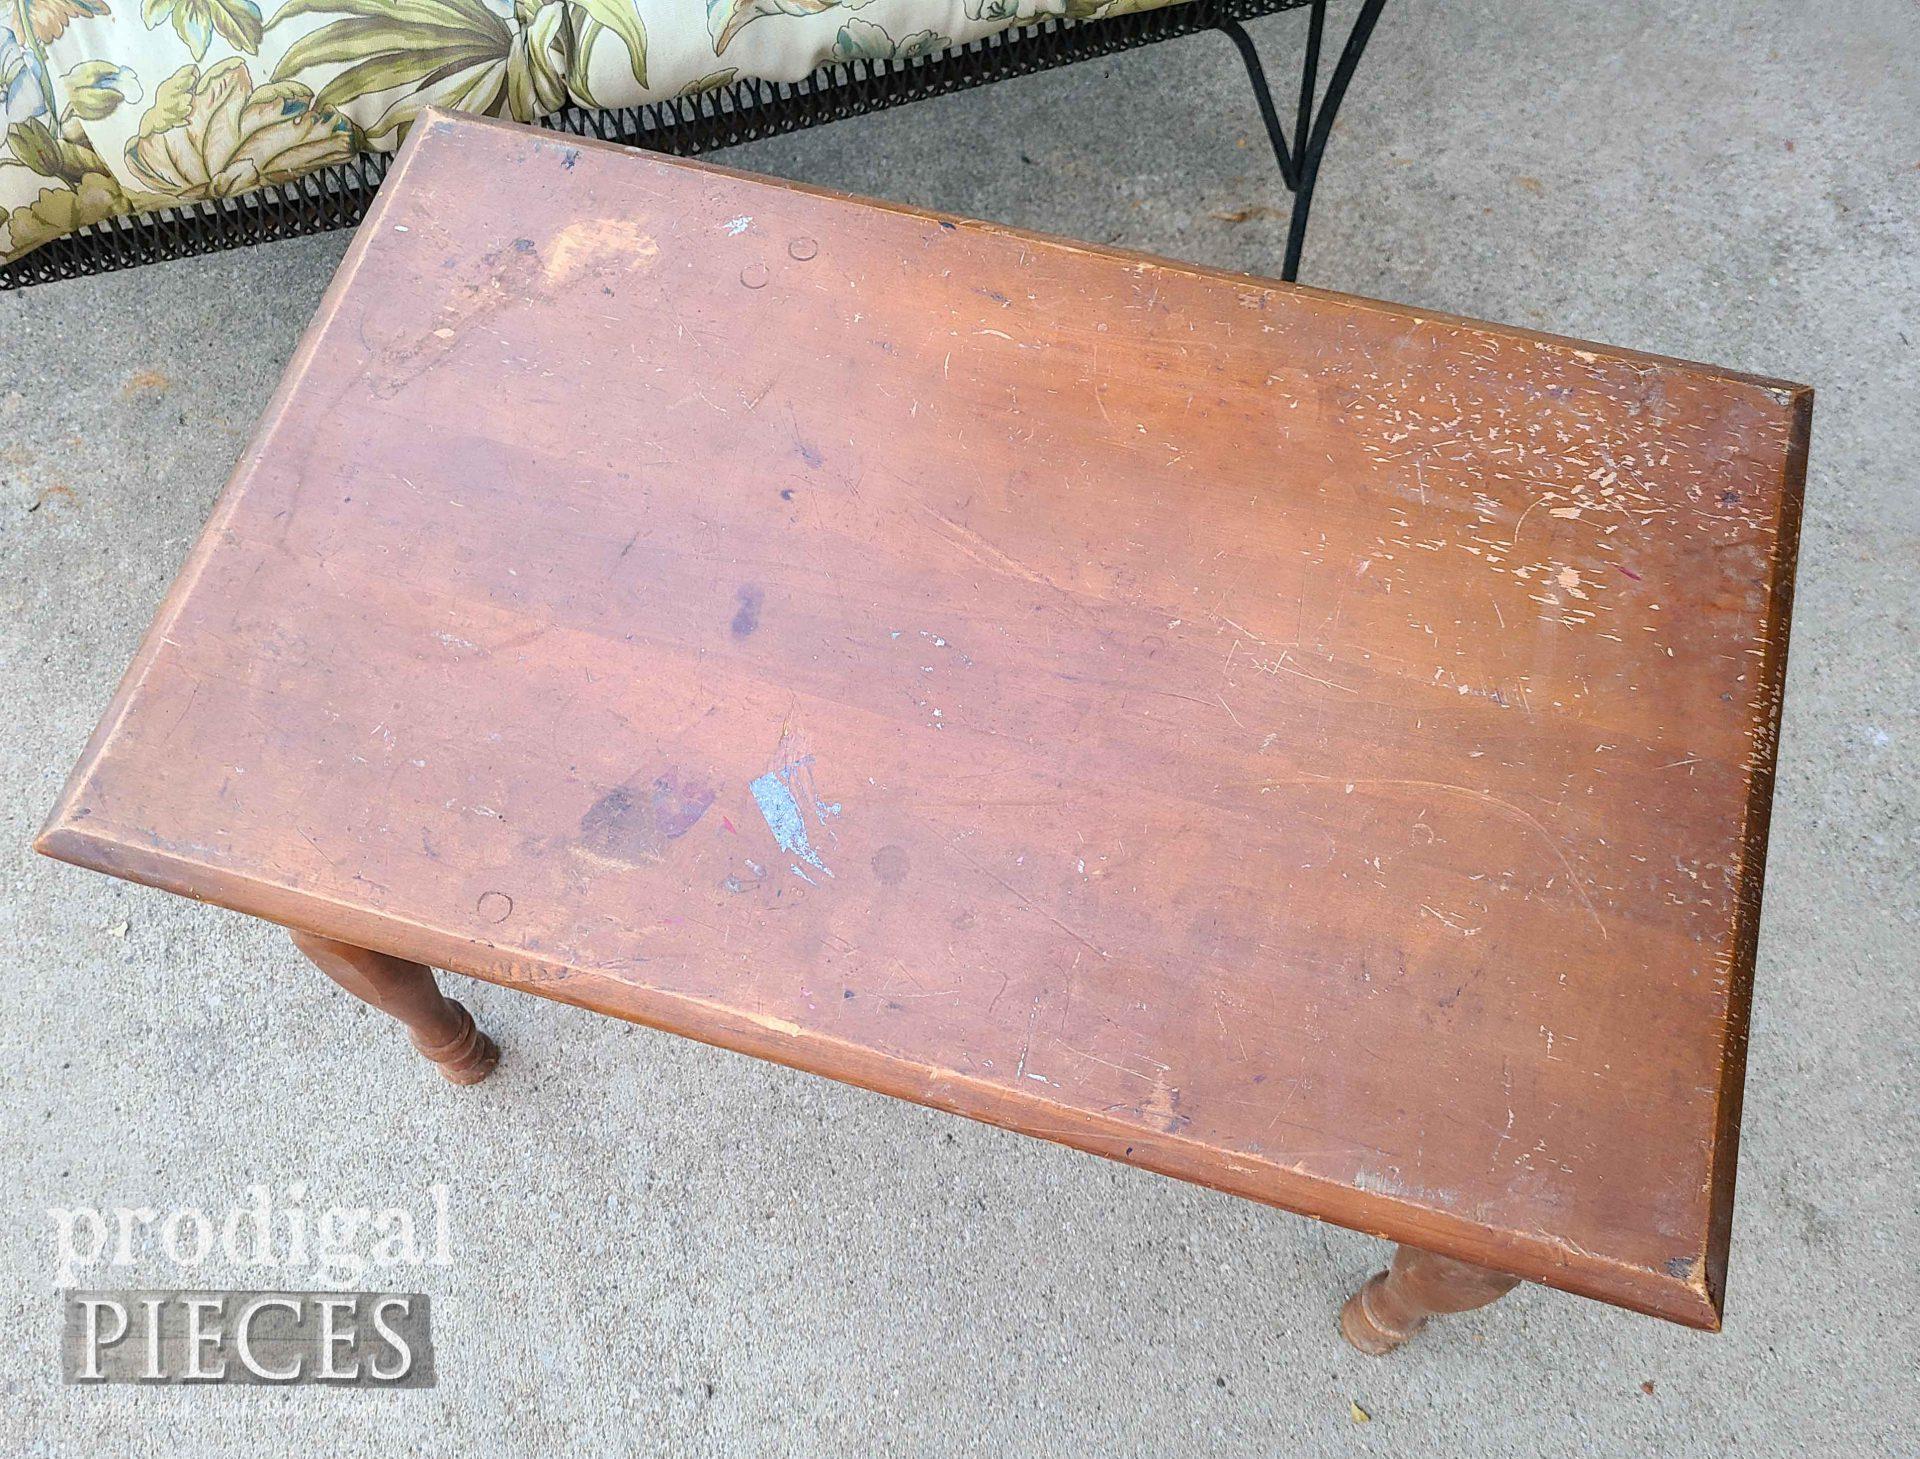 Damaged Vintage Table Top | prodigalpieces.com